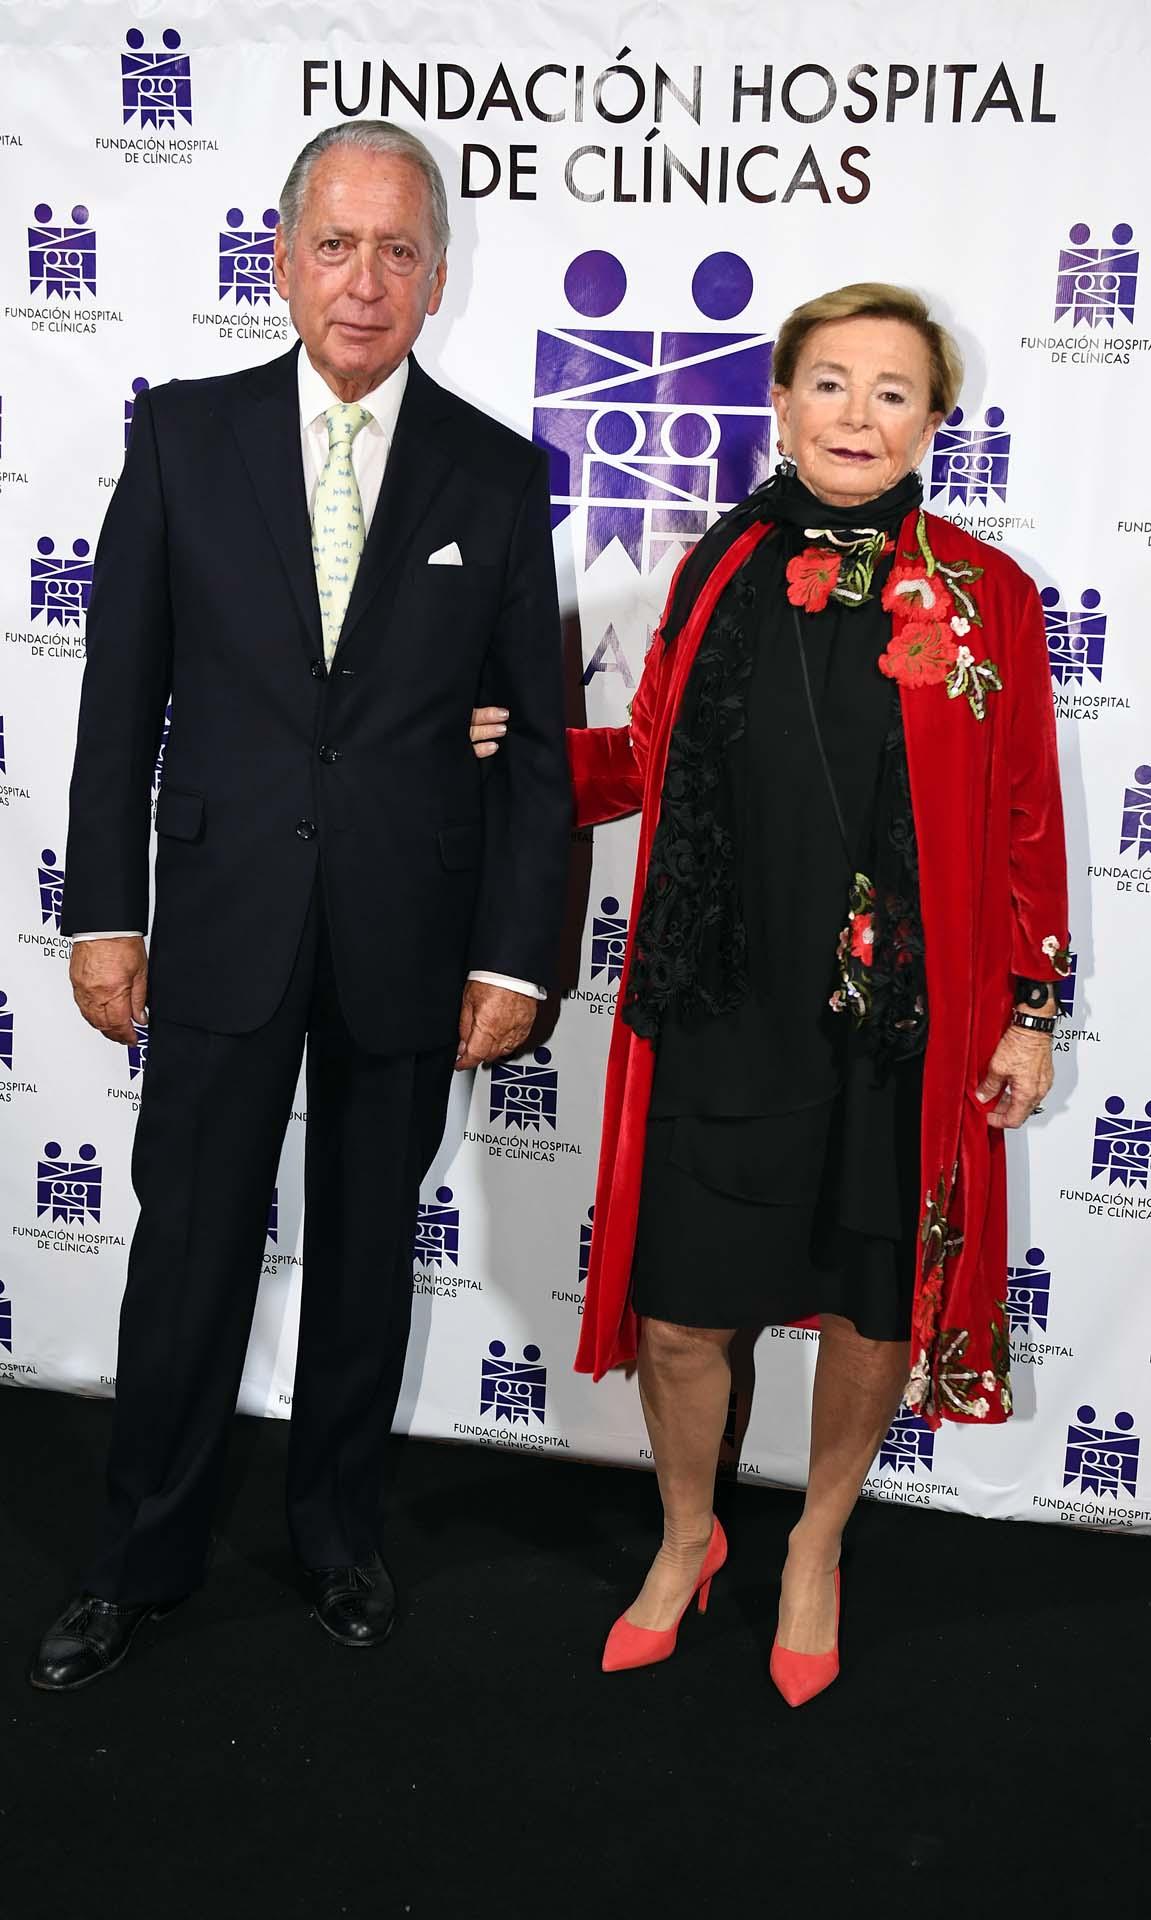 El presidente de la COPAL, Daniel Funes de Rioja, y su mujer